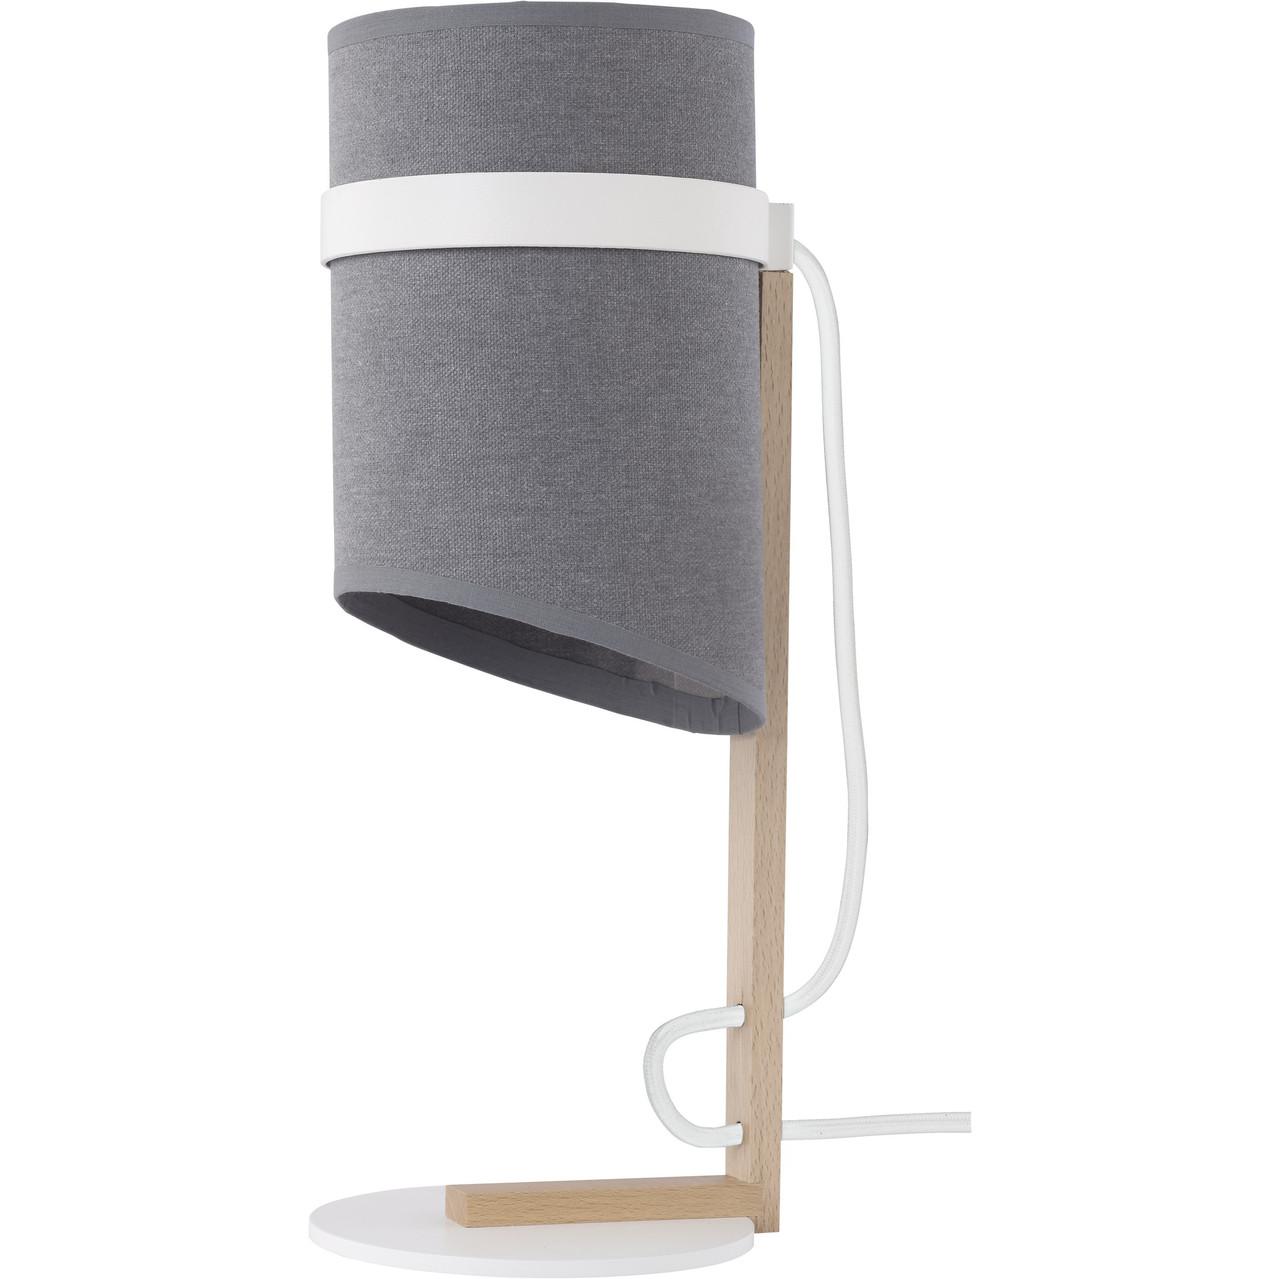 Настольная лампа NOWODVORSKI Emy 6916 (6916)